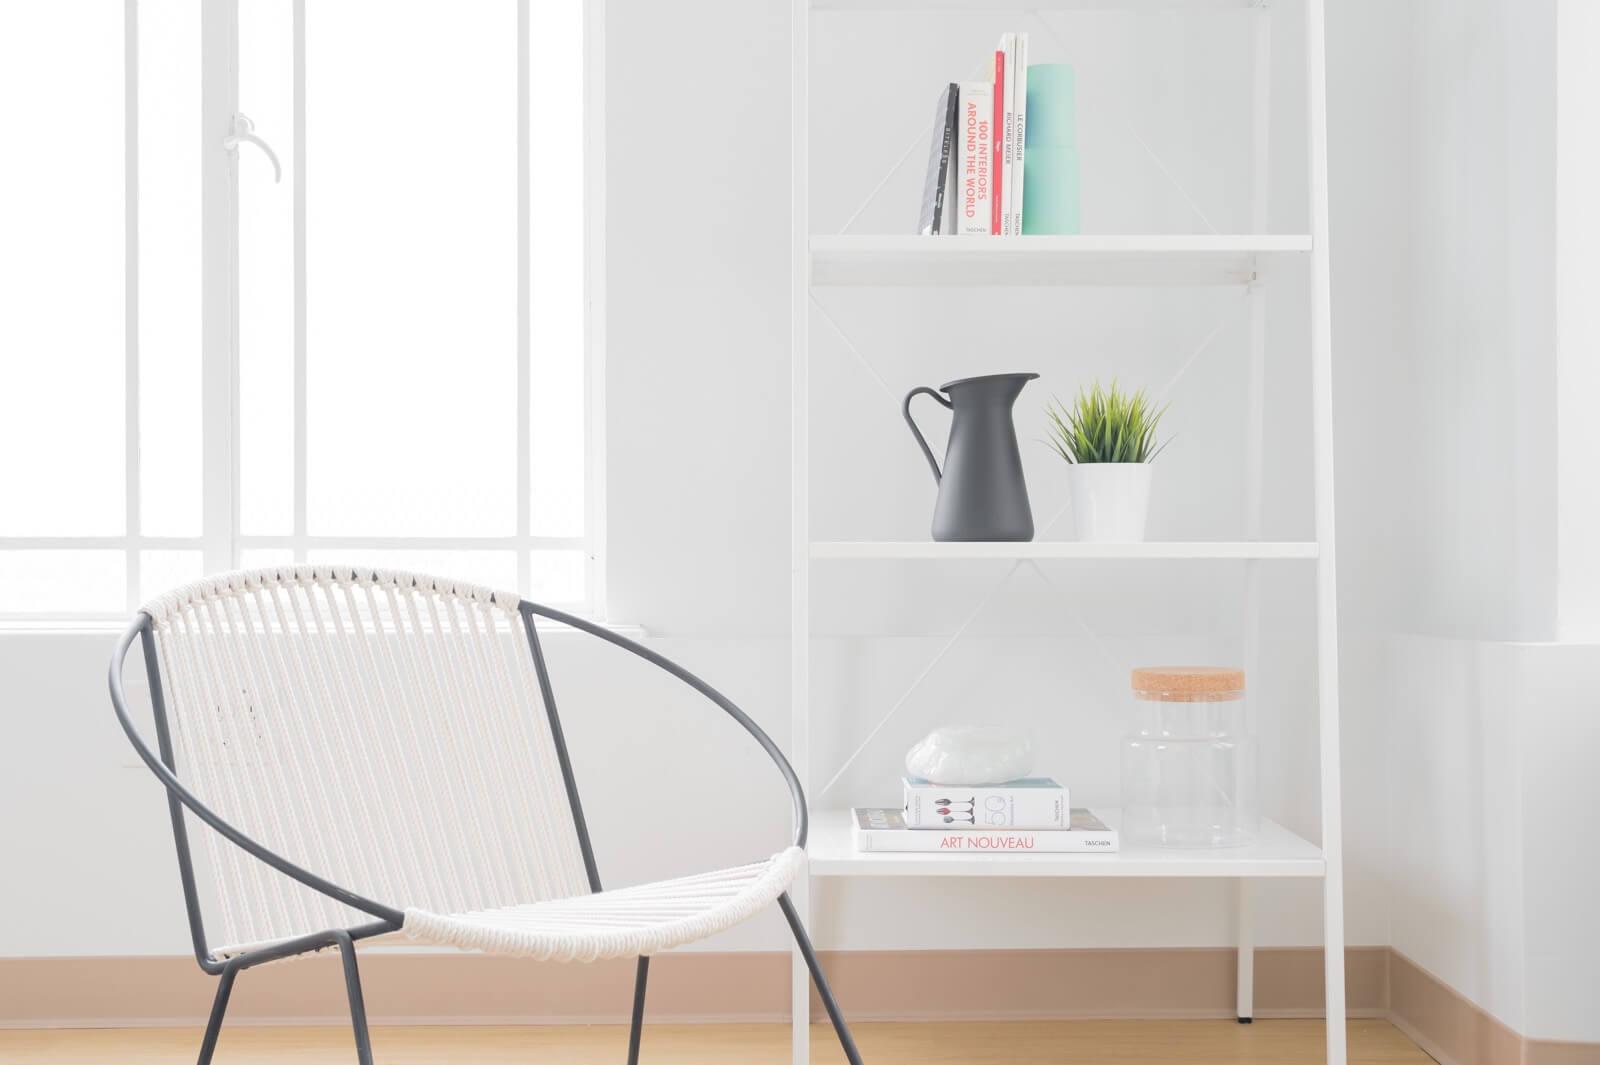 sediul-social-otopeni